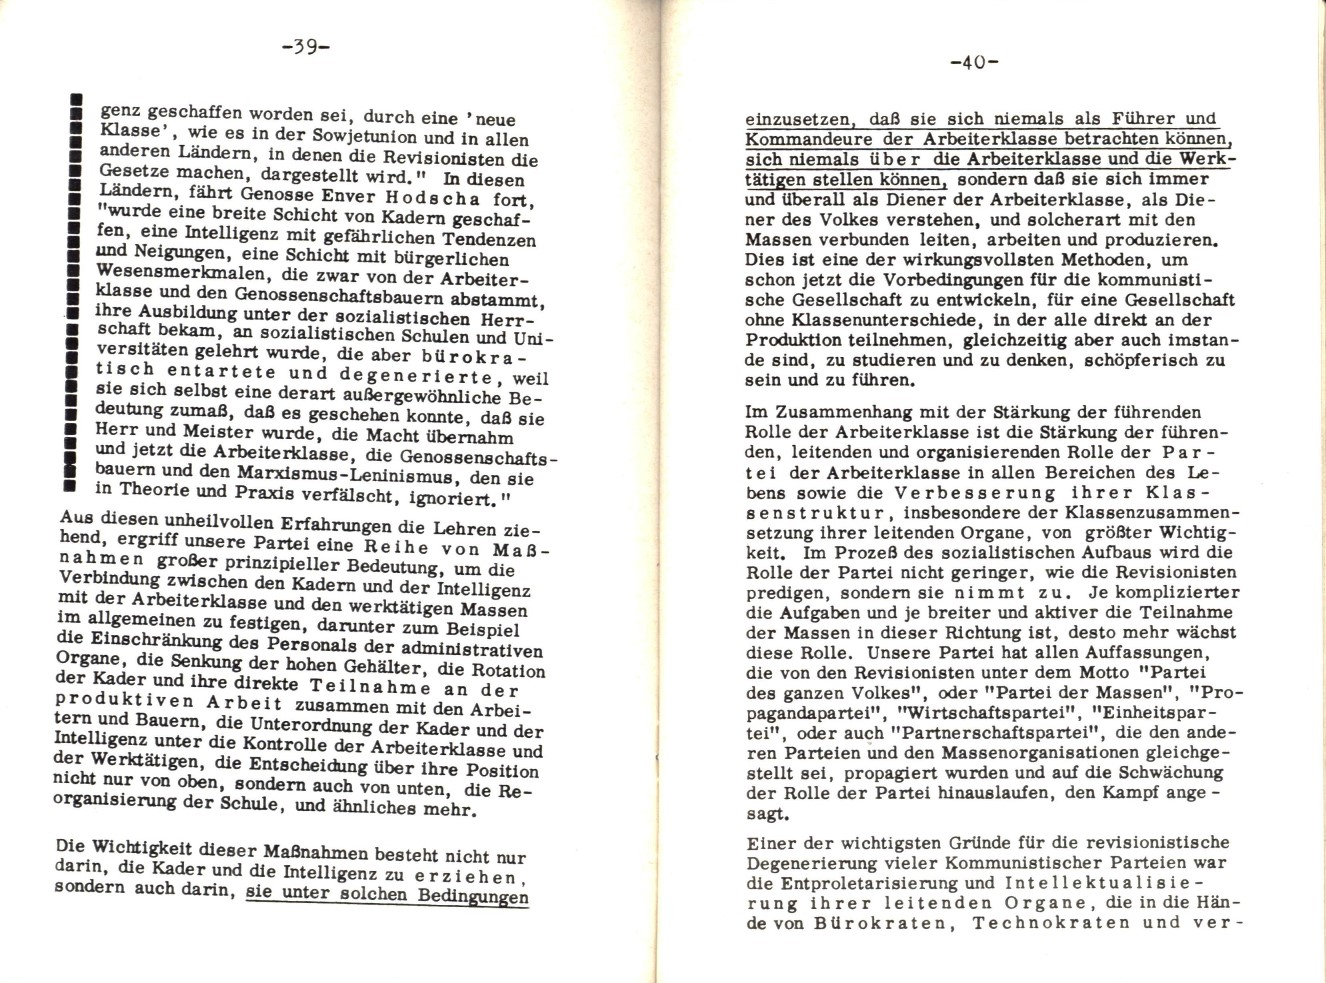 MLSK_Theorie_und_Praxis_des_ML_1978_23_23